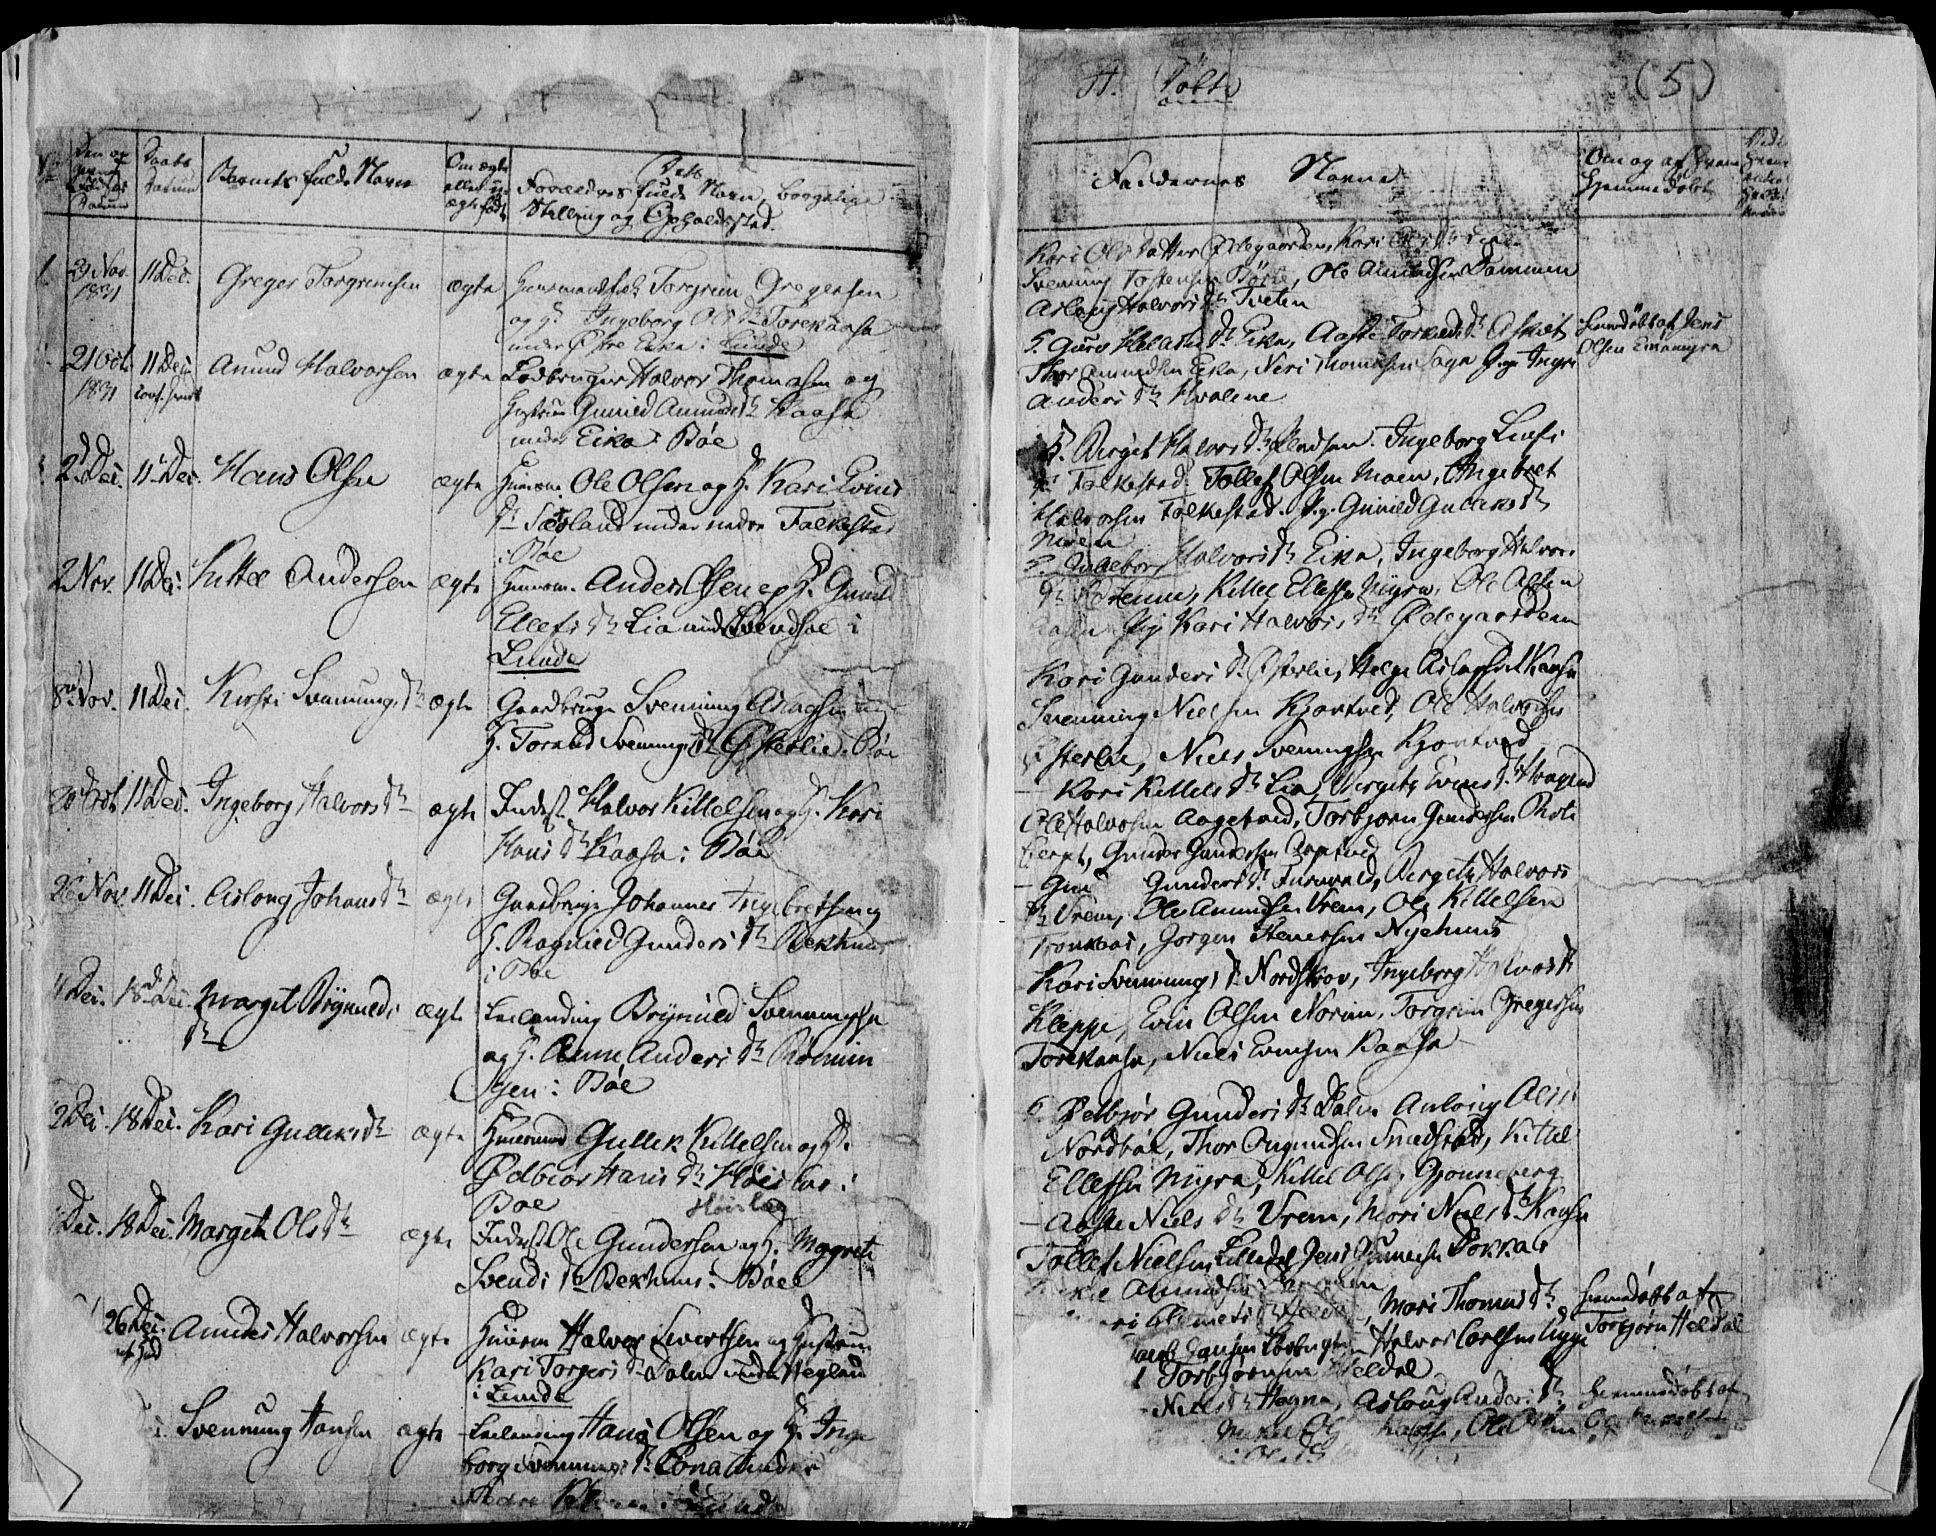 SAKO, Bø kirkebøker, F/Fa/L0007: Ministerialbok nr. 7, 1831-1848, s. 1